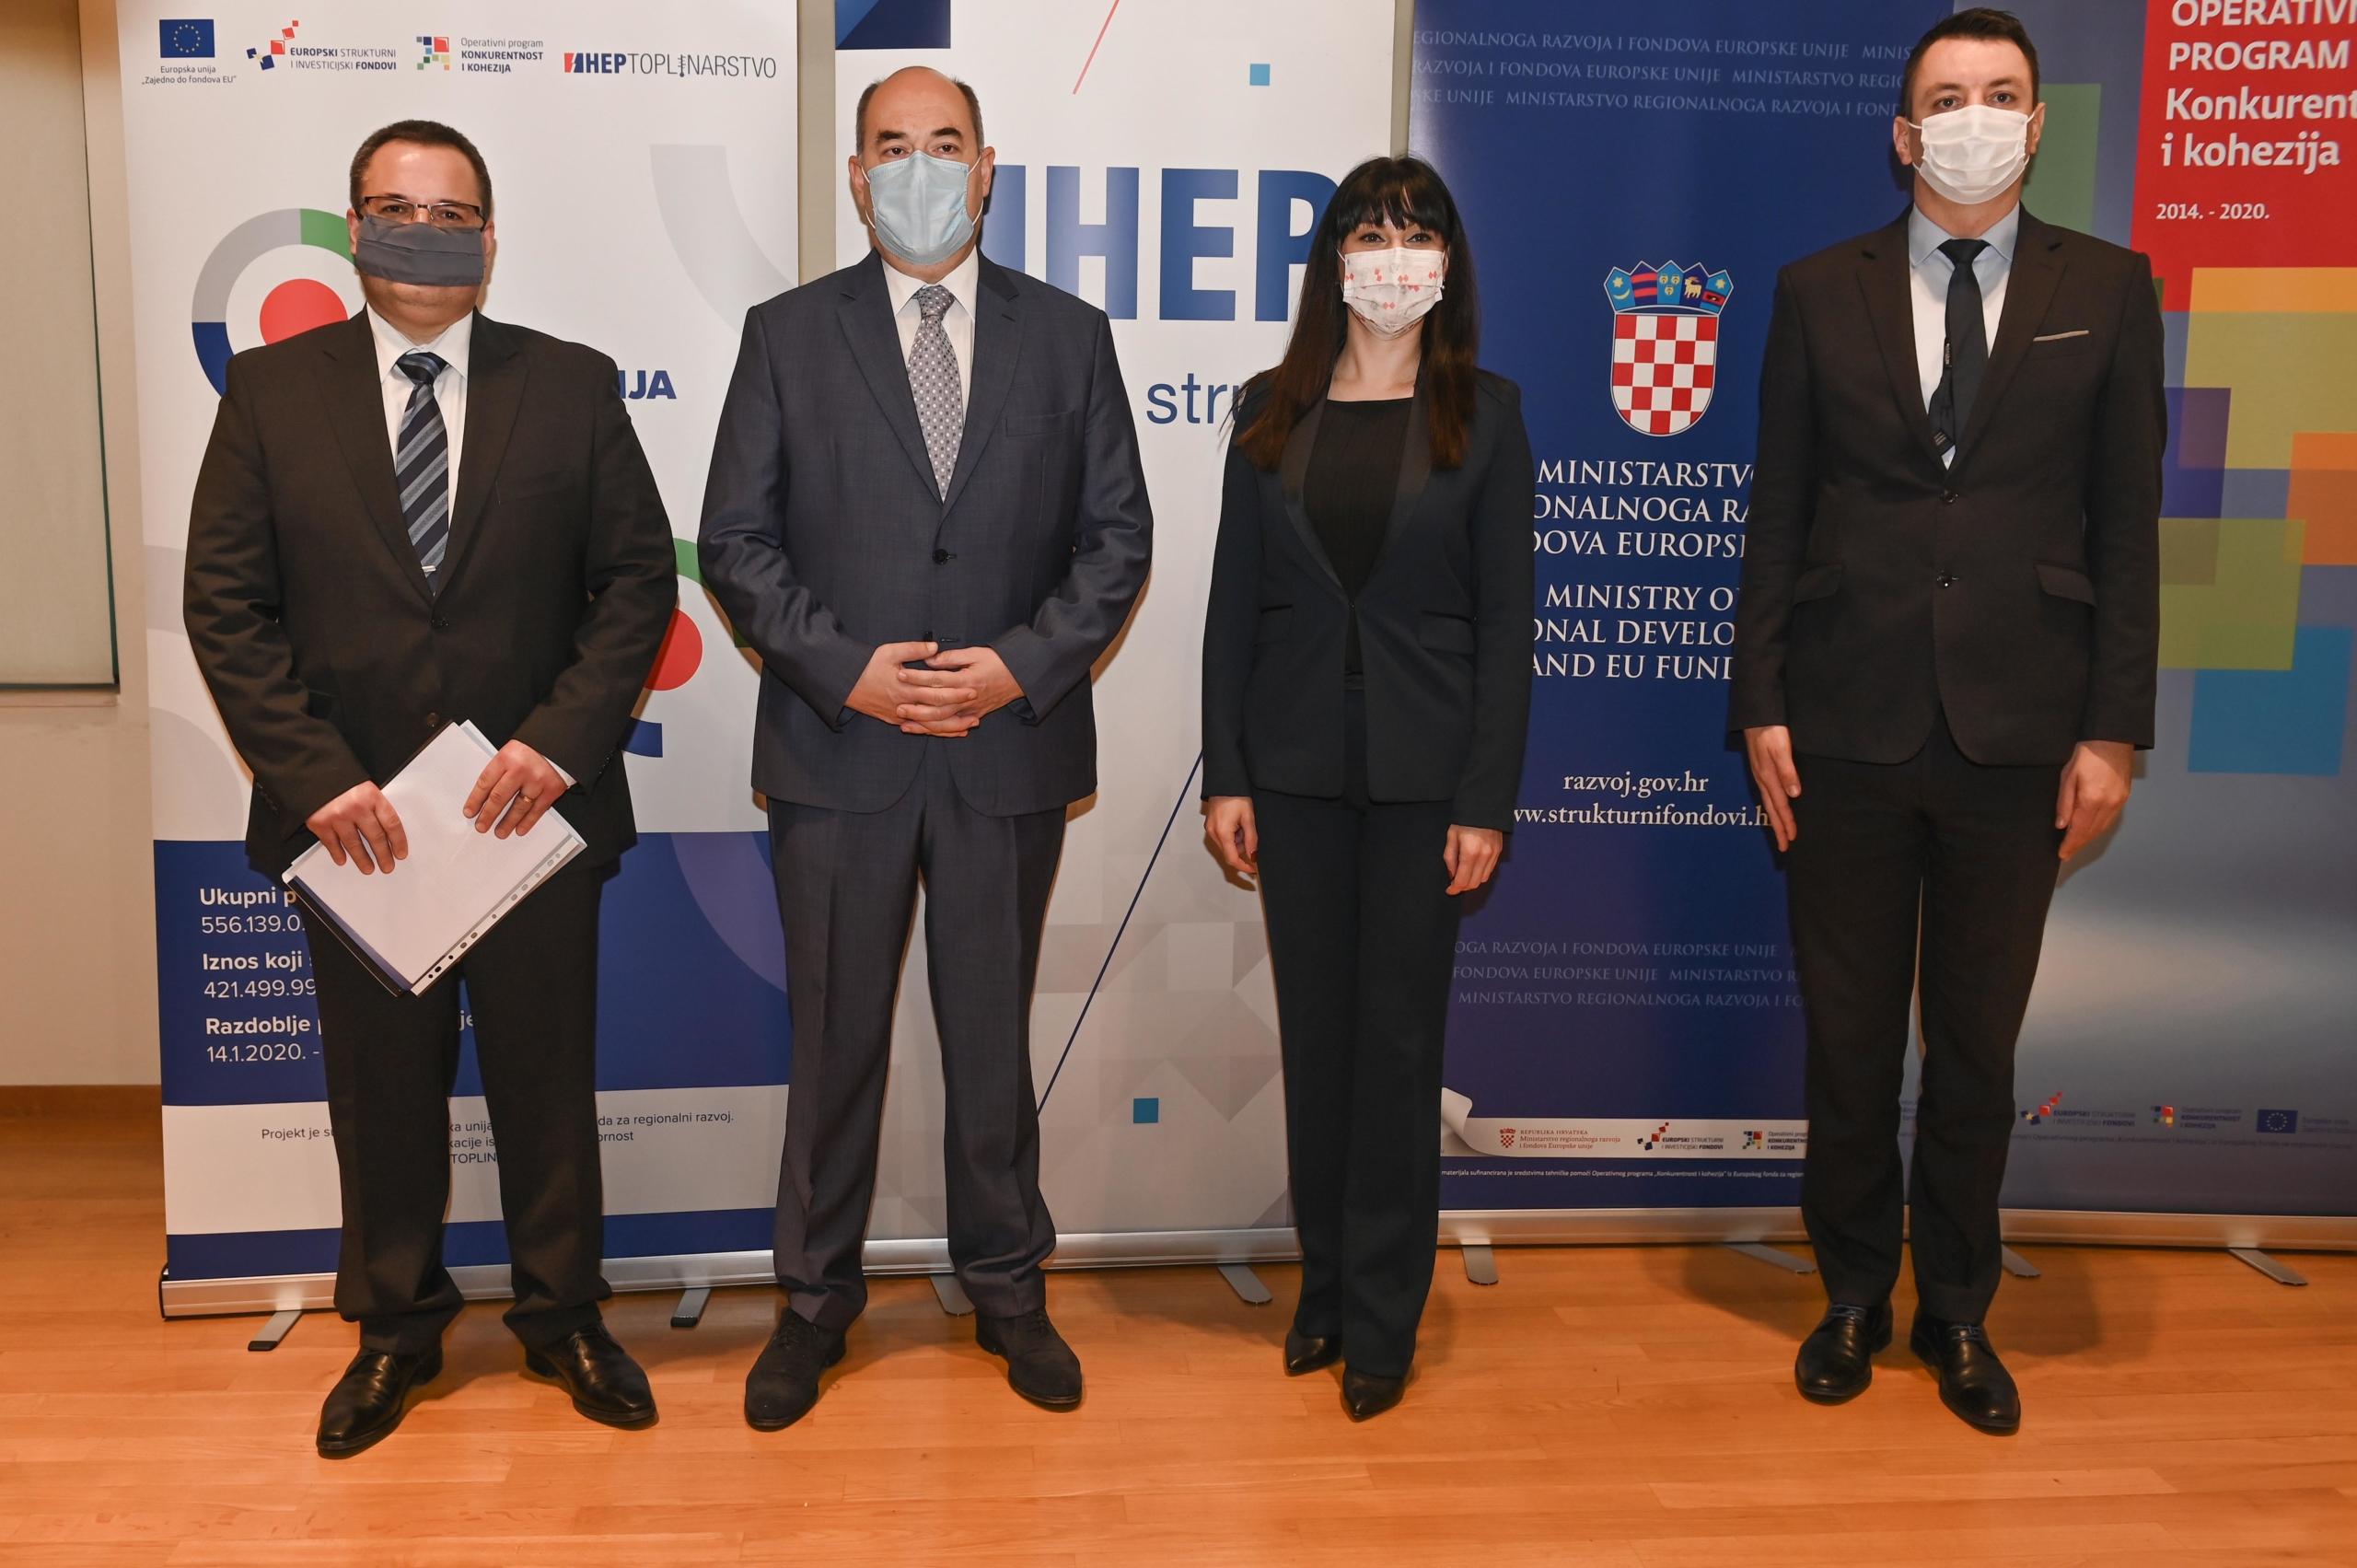 Zdravko Zajec, Frane Barbarić, Nataša Tramišak, Tomislav Petric